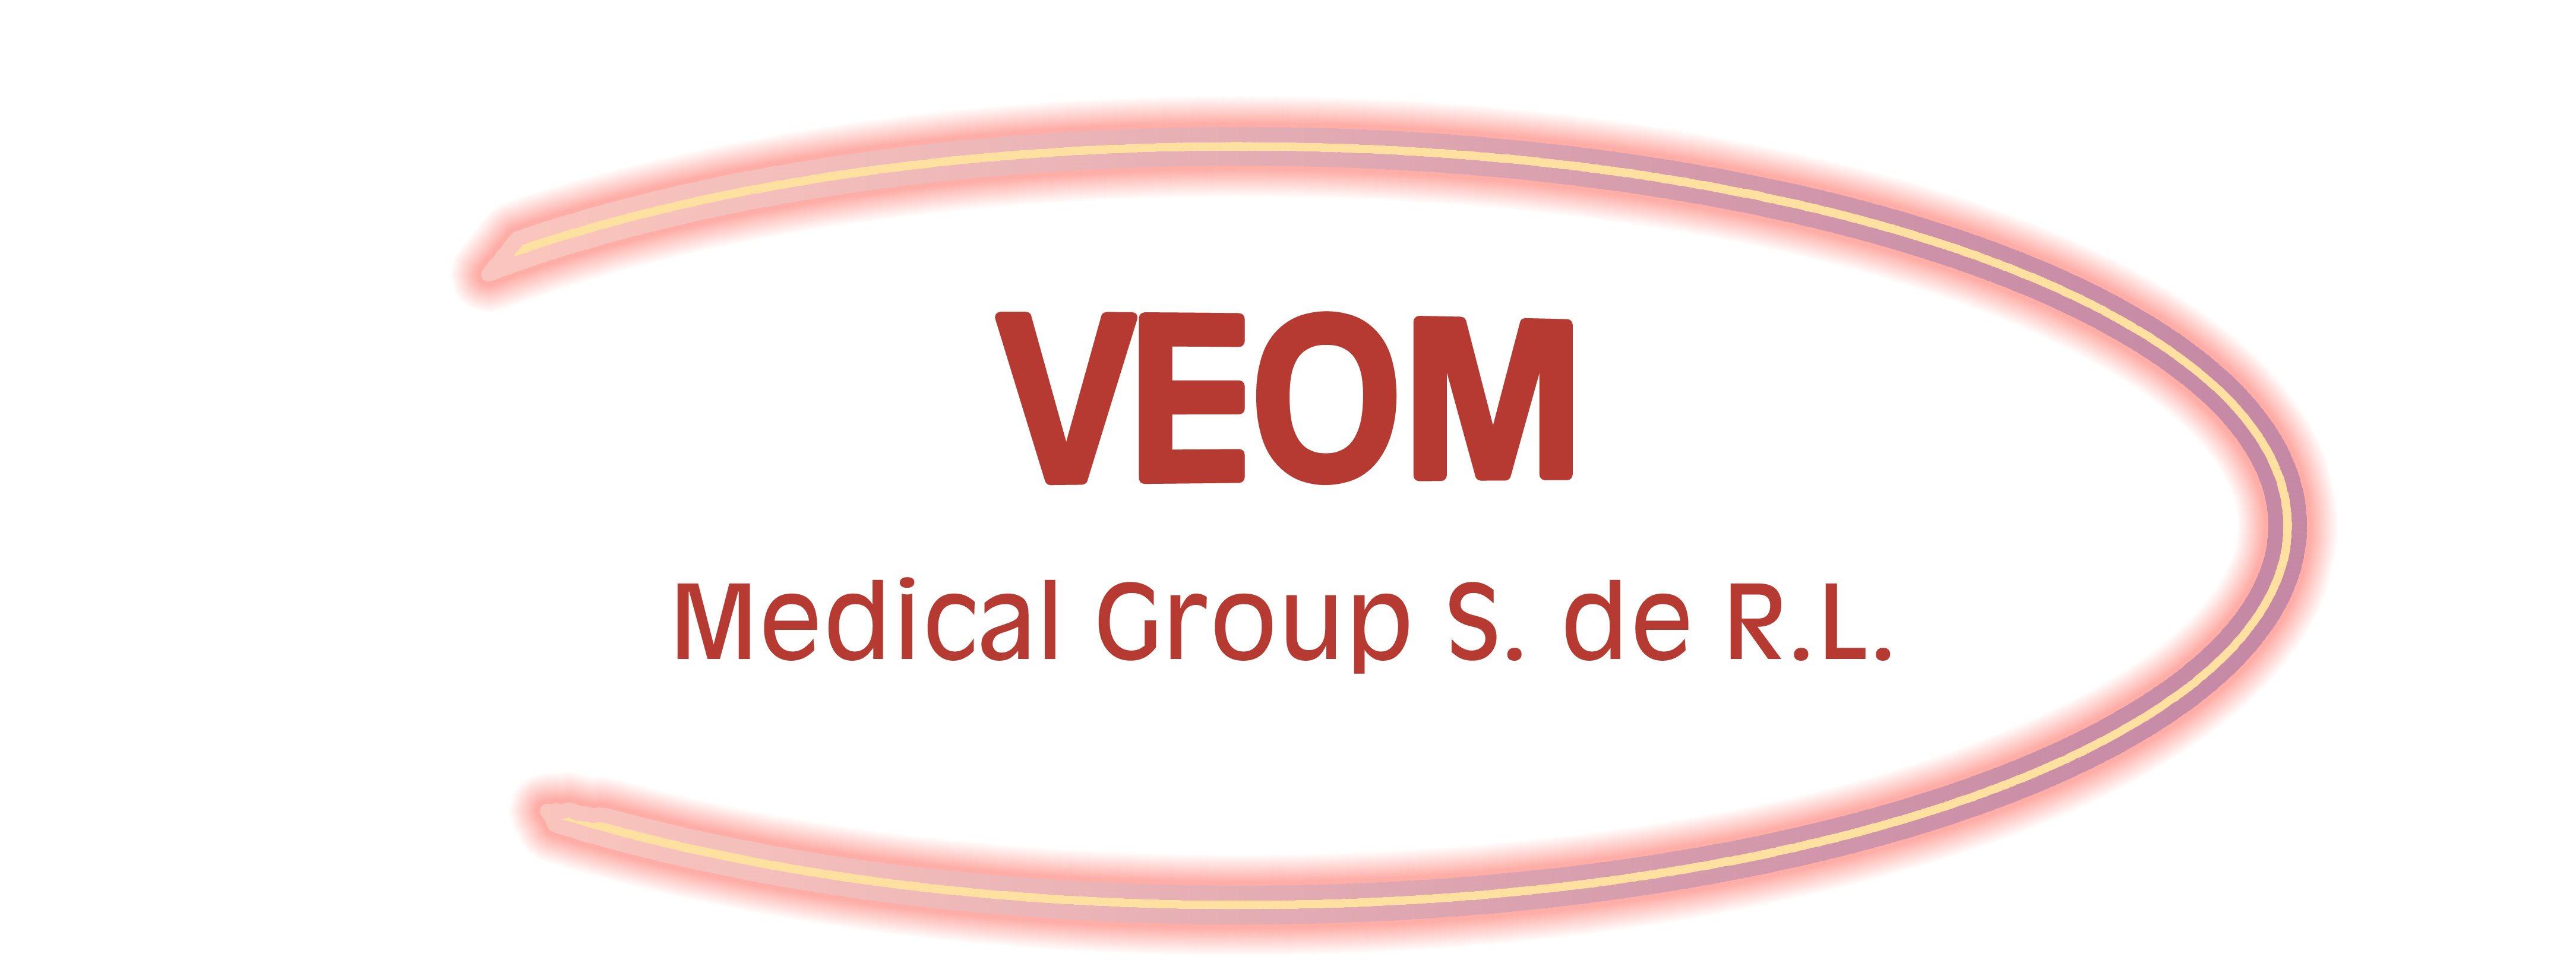 Trabajos de Veom Medical Gr... Asesor de Ventas ... Computrabajo ...